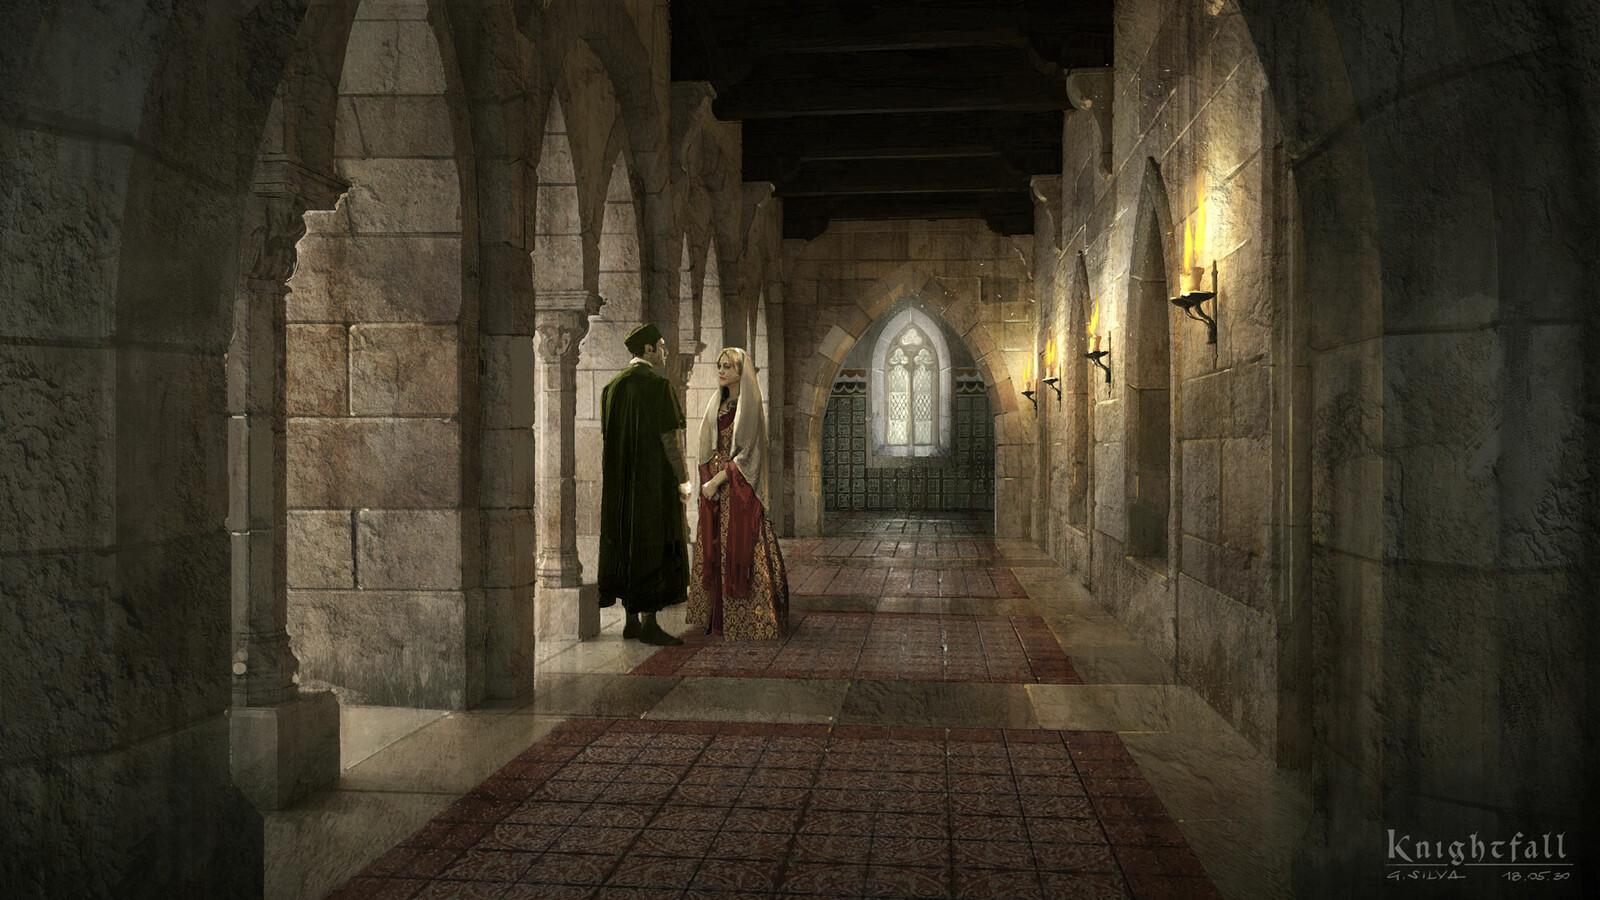 Mainhall Hallway